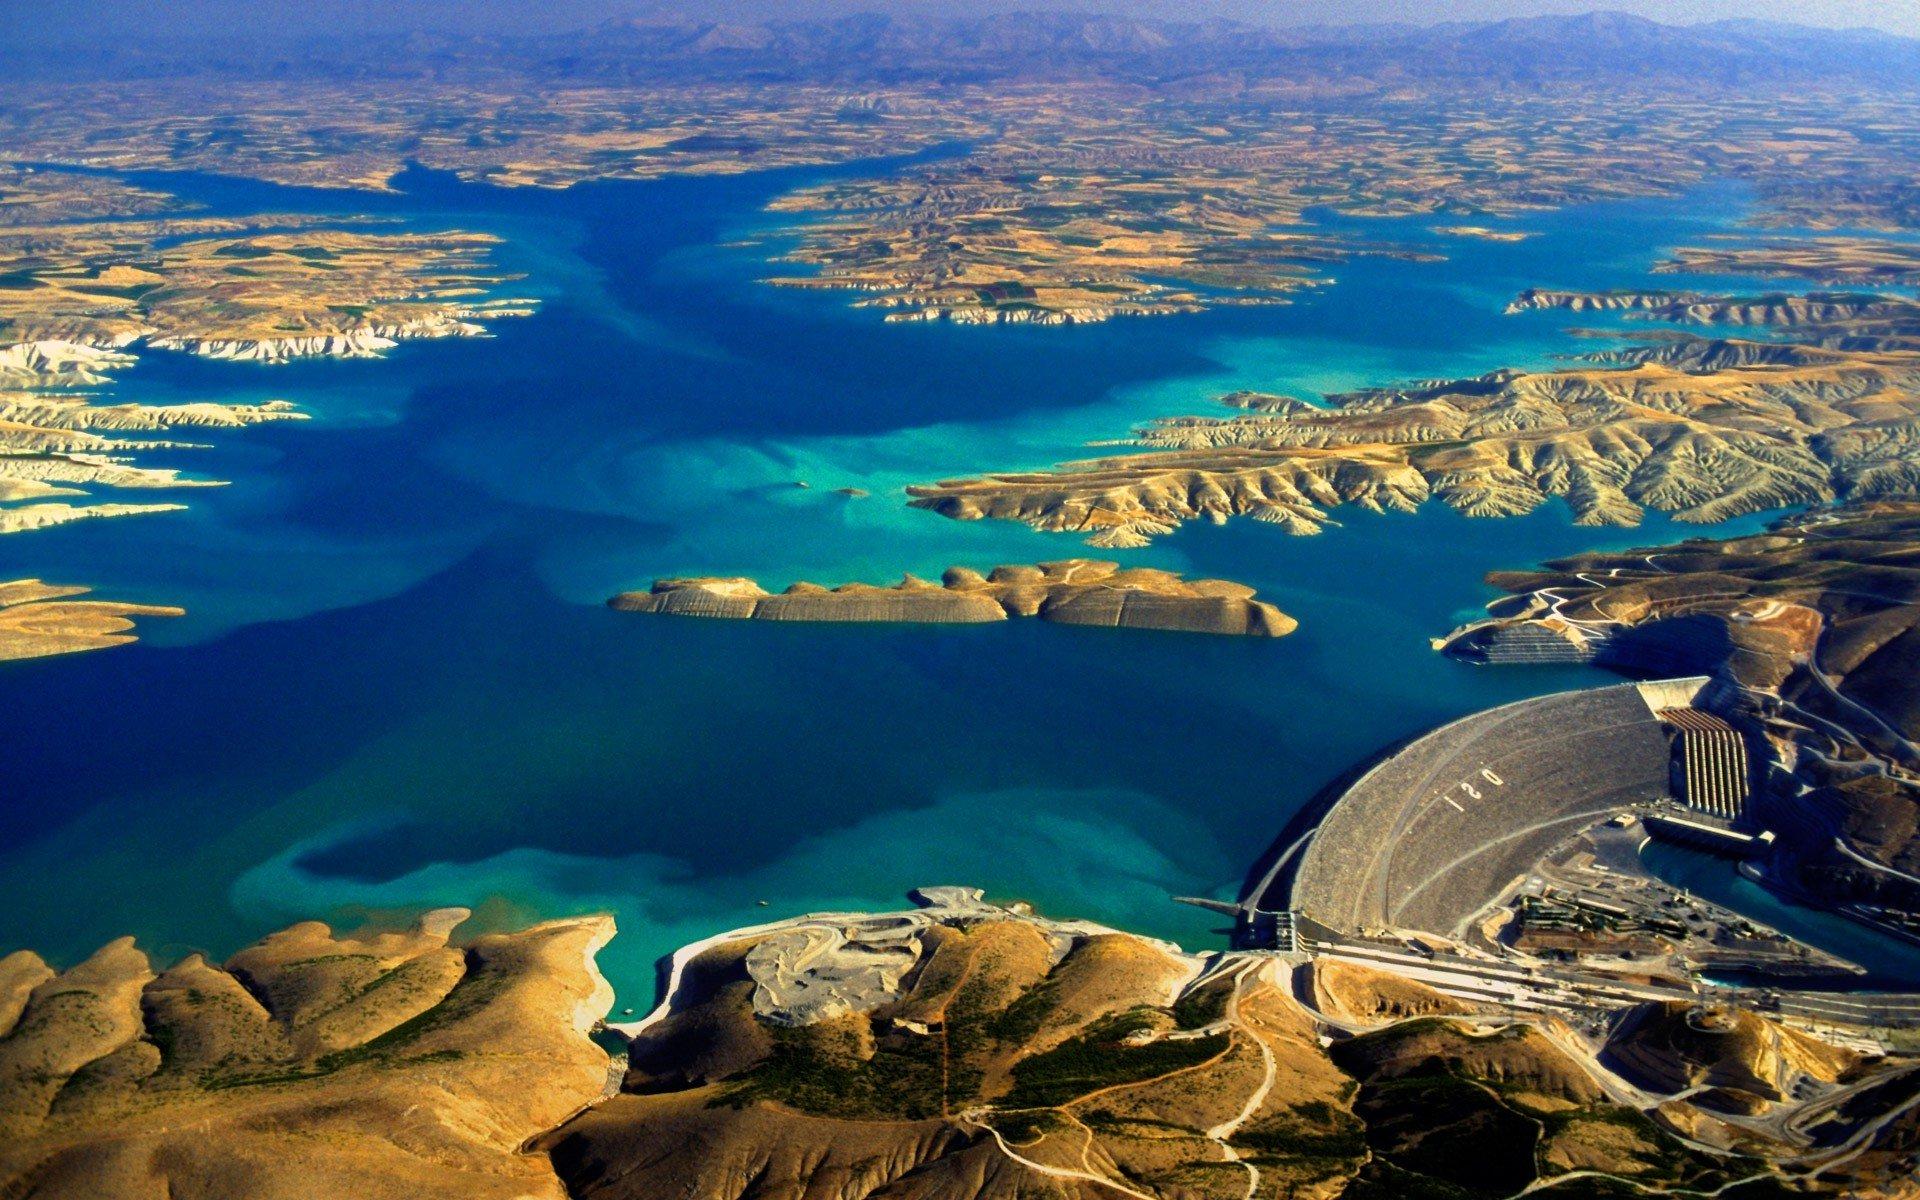 Προφητική εξέλιξη: Οι Τούρκοι κλείνουν τα νερά του Ευφράτη – Στέλνουν στη  «δίψα» εκατοντάδες περιοχές – Ξεκίνησε ο τουρκικός «υβριδικός πόλεμος» |  ΥΔΡΟΓΕΙΟΣ 106,9 FM